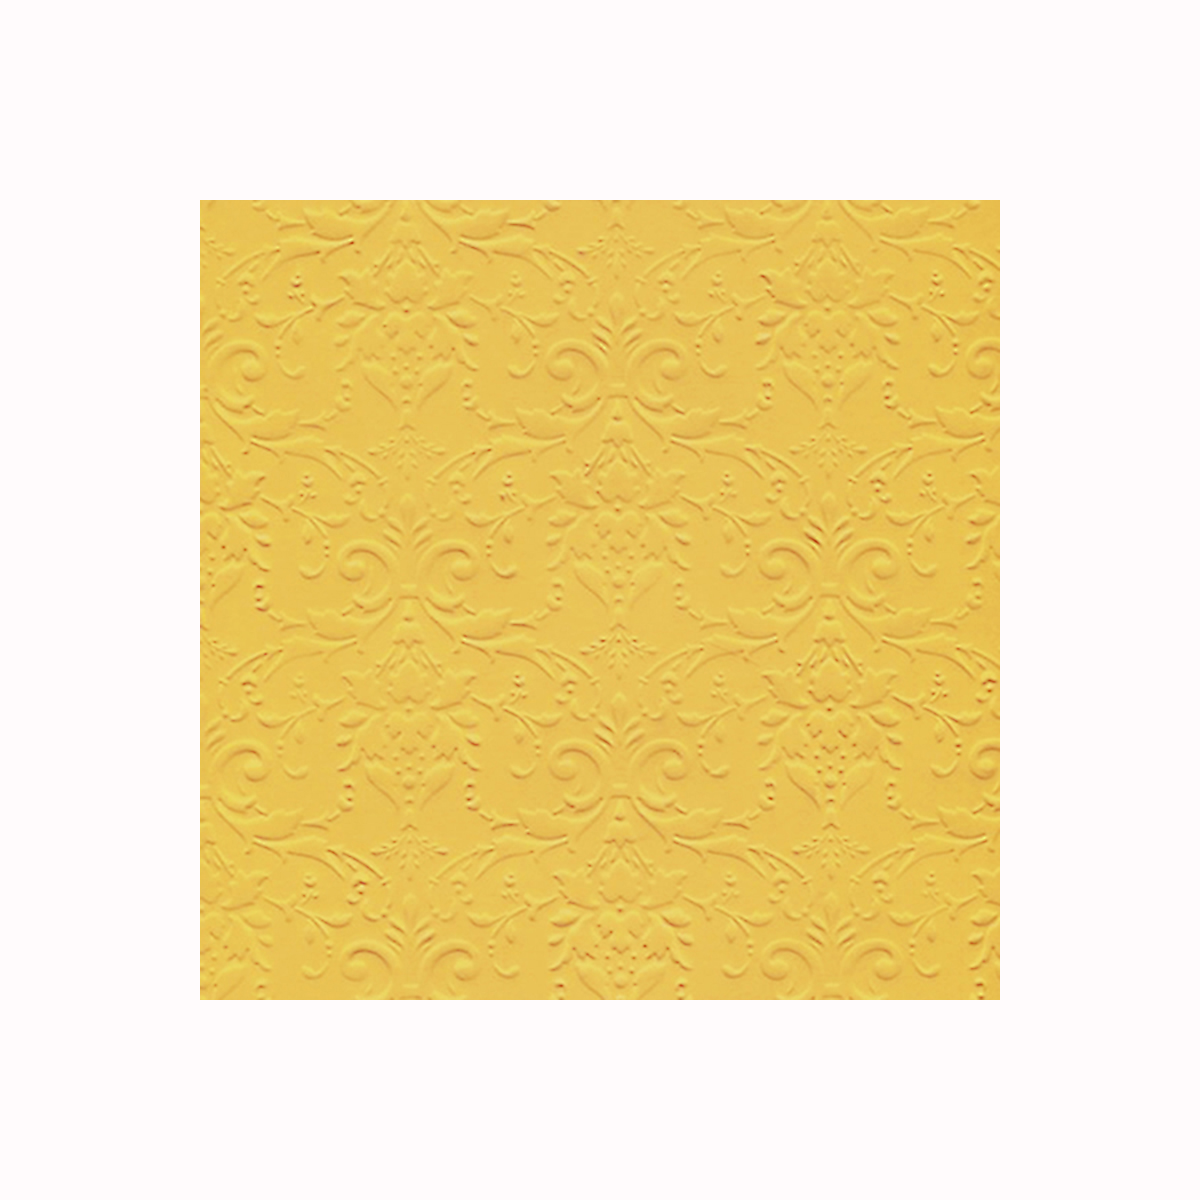 Бумага фактурная Лоза Дамасский узор, цвет: ярко-желтый, 3 листа582975_БР003-11 ярко-желтыйФактурная бумага для скрапбукинга Лоза Дамасский узор позволит создать красивый альбом, фоторамку или открытку ручной работы, оформить подарок или аппликацию. Набор включает в себя 3 листа из плотной бумаги.Скрапбукинг - это хобби, которое способно приносить массу приятных эмоций не только человеку, который этим занимается, но и его близким, друзьям, родным. Это невероятно увлекательное занятие, которое поможет вам сохранить наиболее памятные и яркие моменты вашей жизни, а также интересно оформить интерьер дома. Плотность бумаги: 200 г/м2.